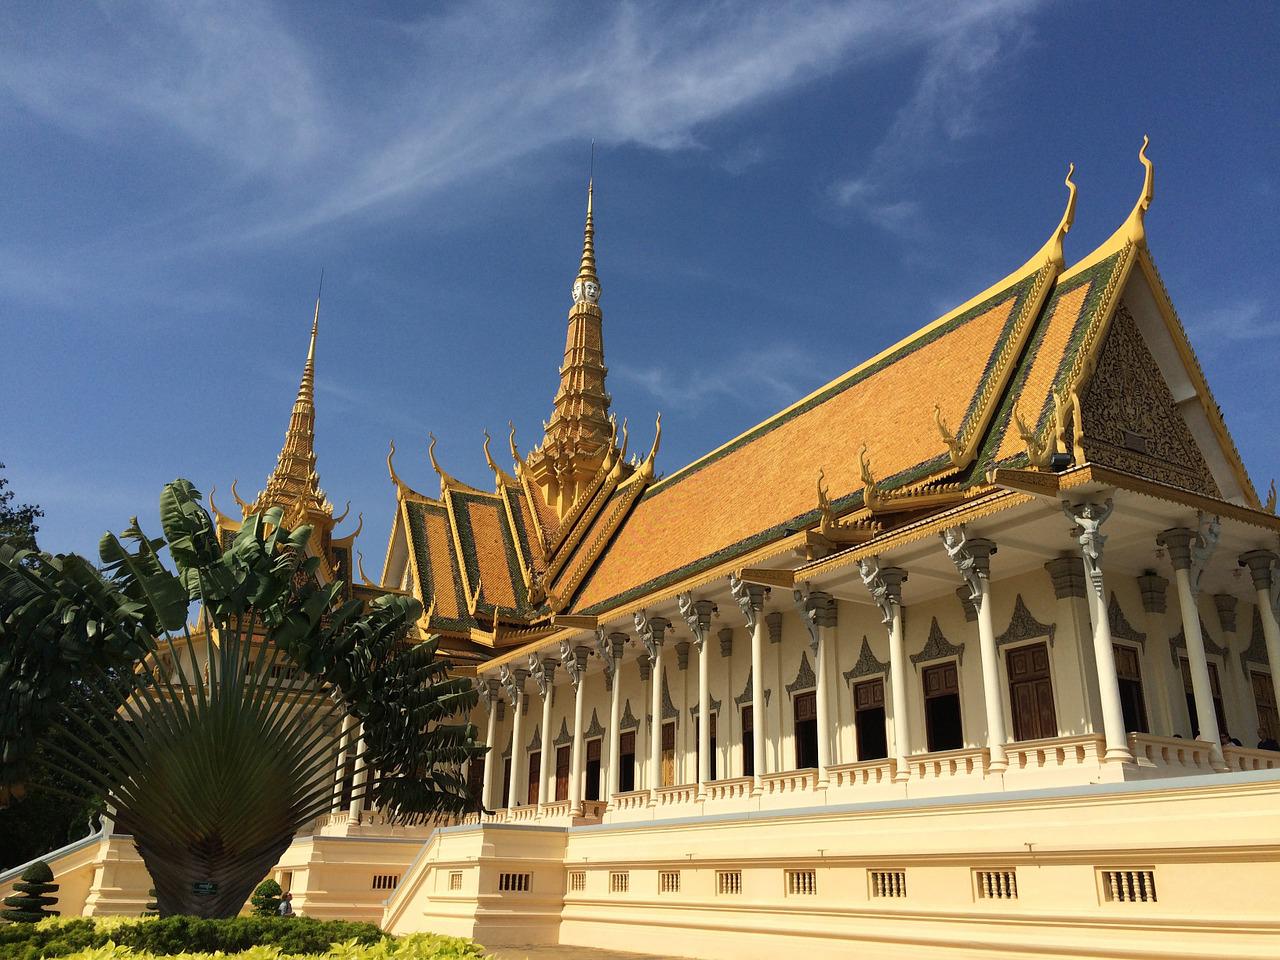 カンボジアの「最低賃金法案」協議が終了   労働省「全国民に有益」労組側「問題なし」